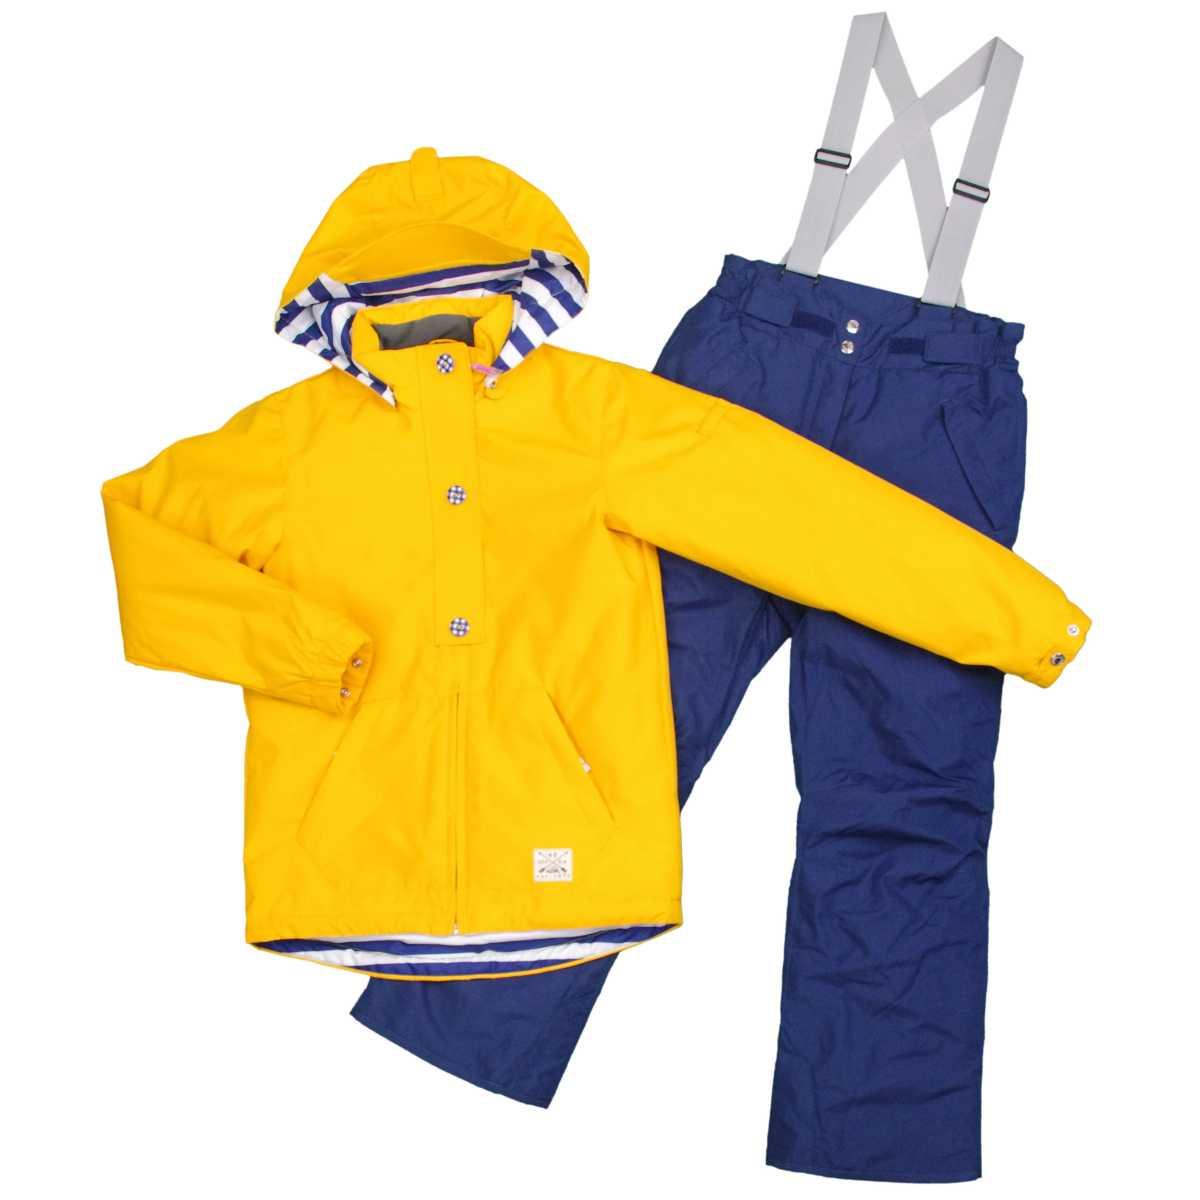 女の子オンヨネスキーウェア上下セット サイズ調整機能付スキーウェア サンプル品 (イエロー/ネイビー 130cm 140cm 150cm 160cm) ガールズ ジュニア スキーウェア 全4色